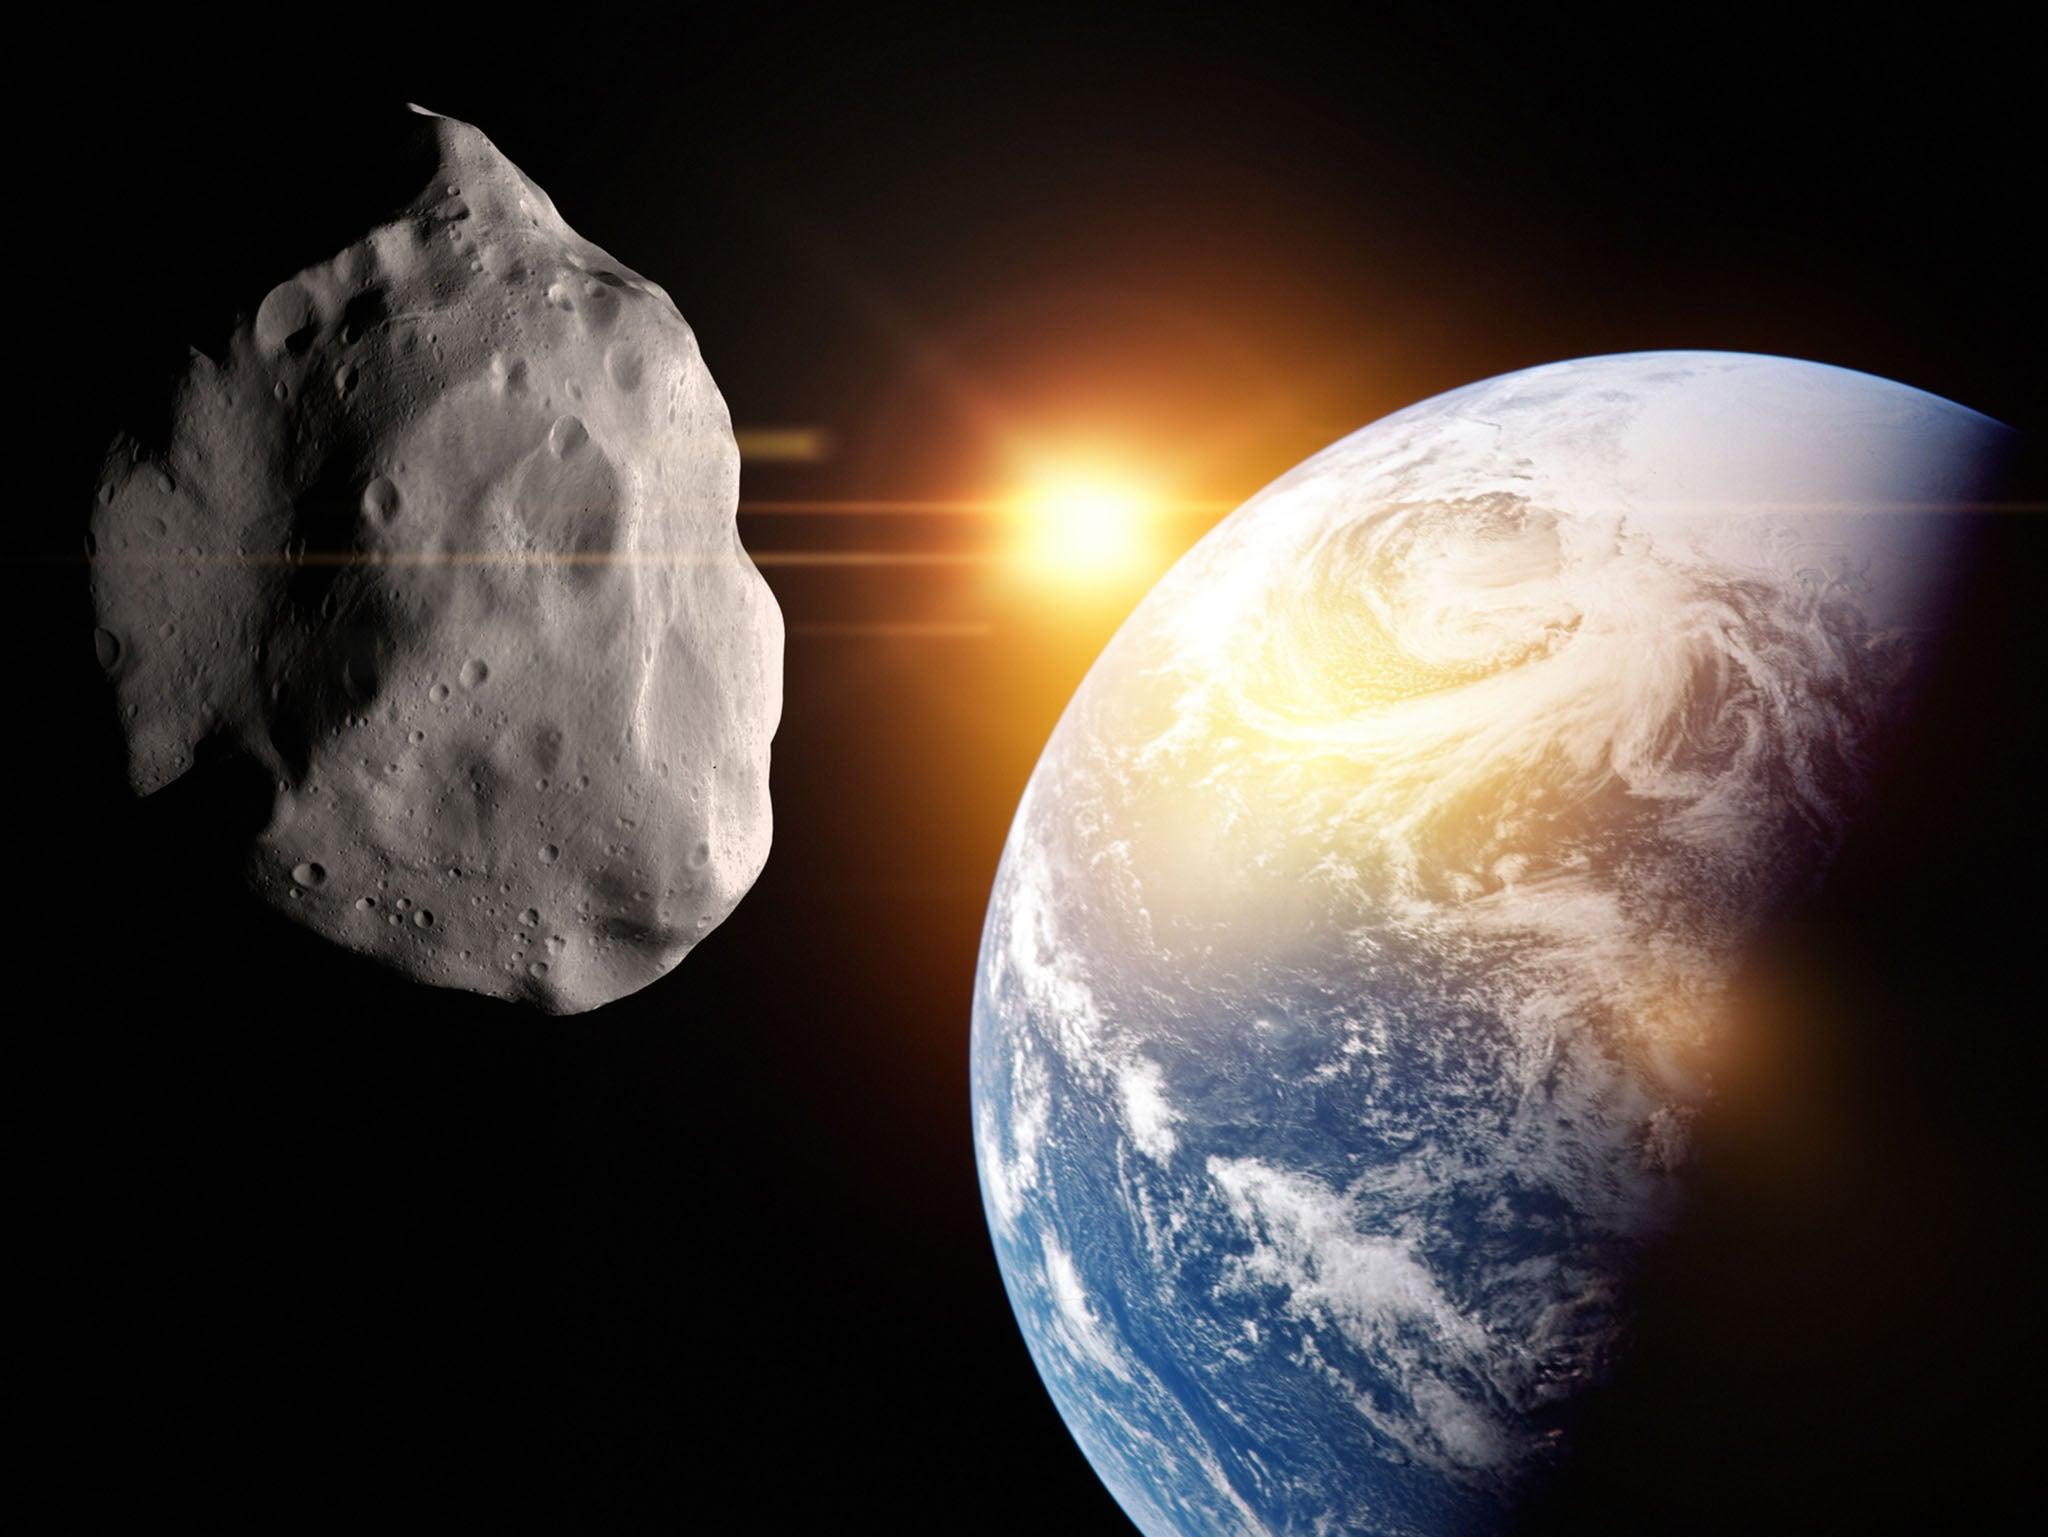 nasa planet x 2019 - HD1787×1340